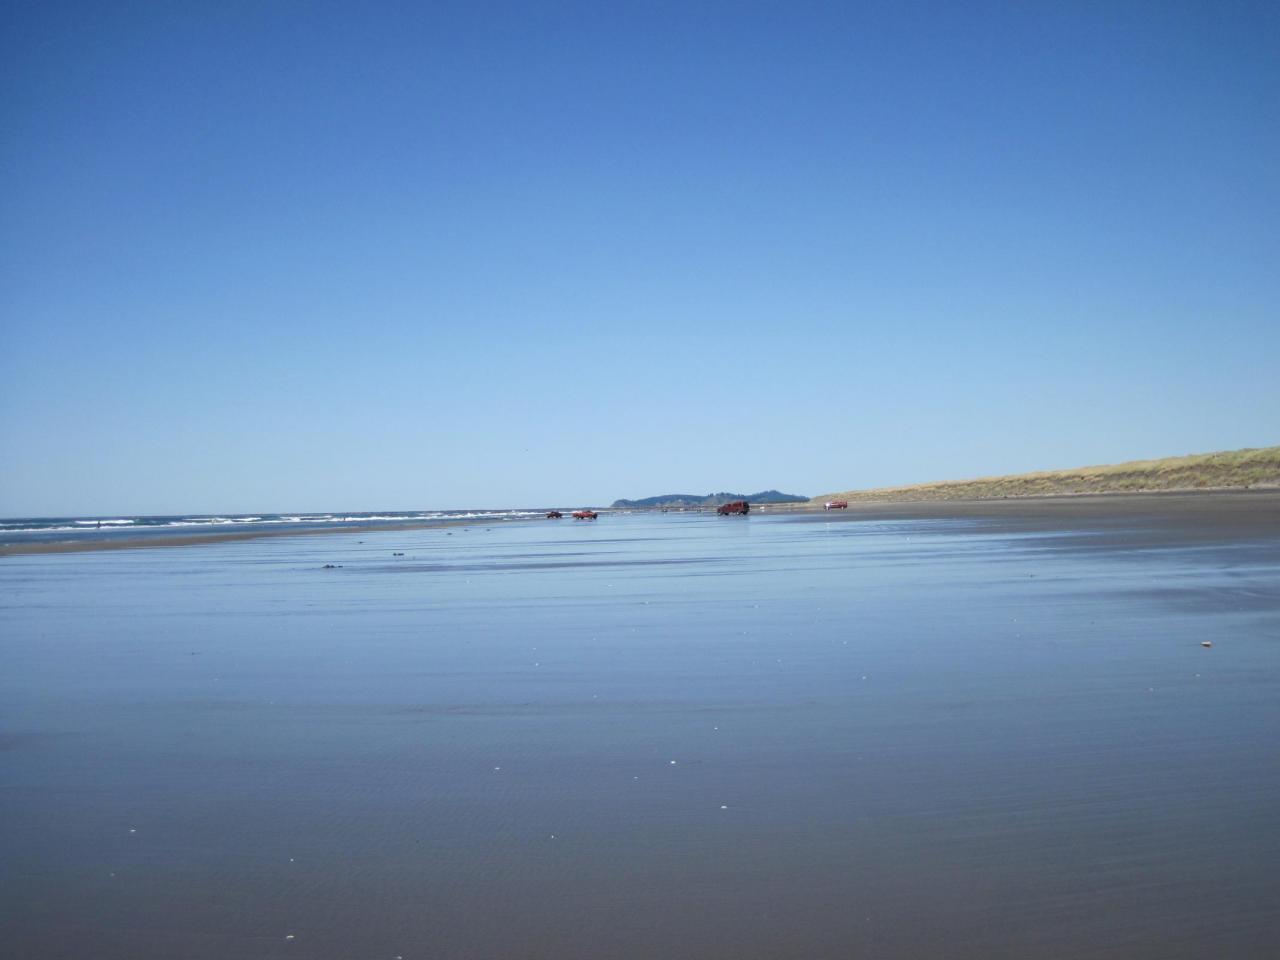 Calm day on beach.